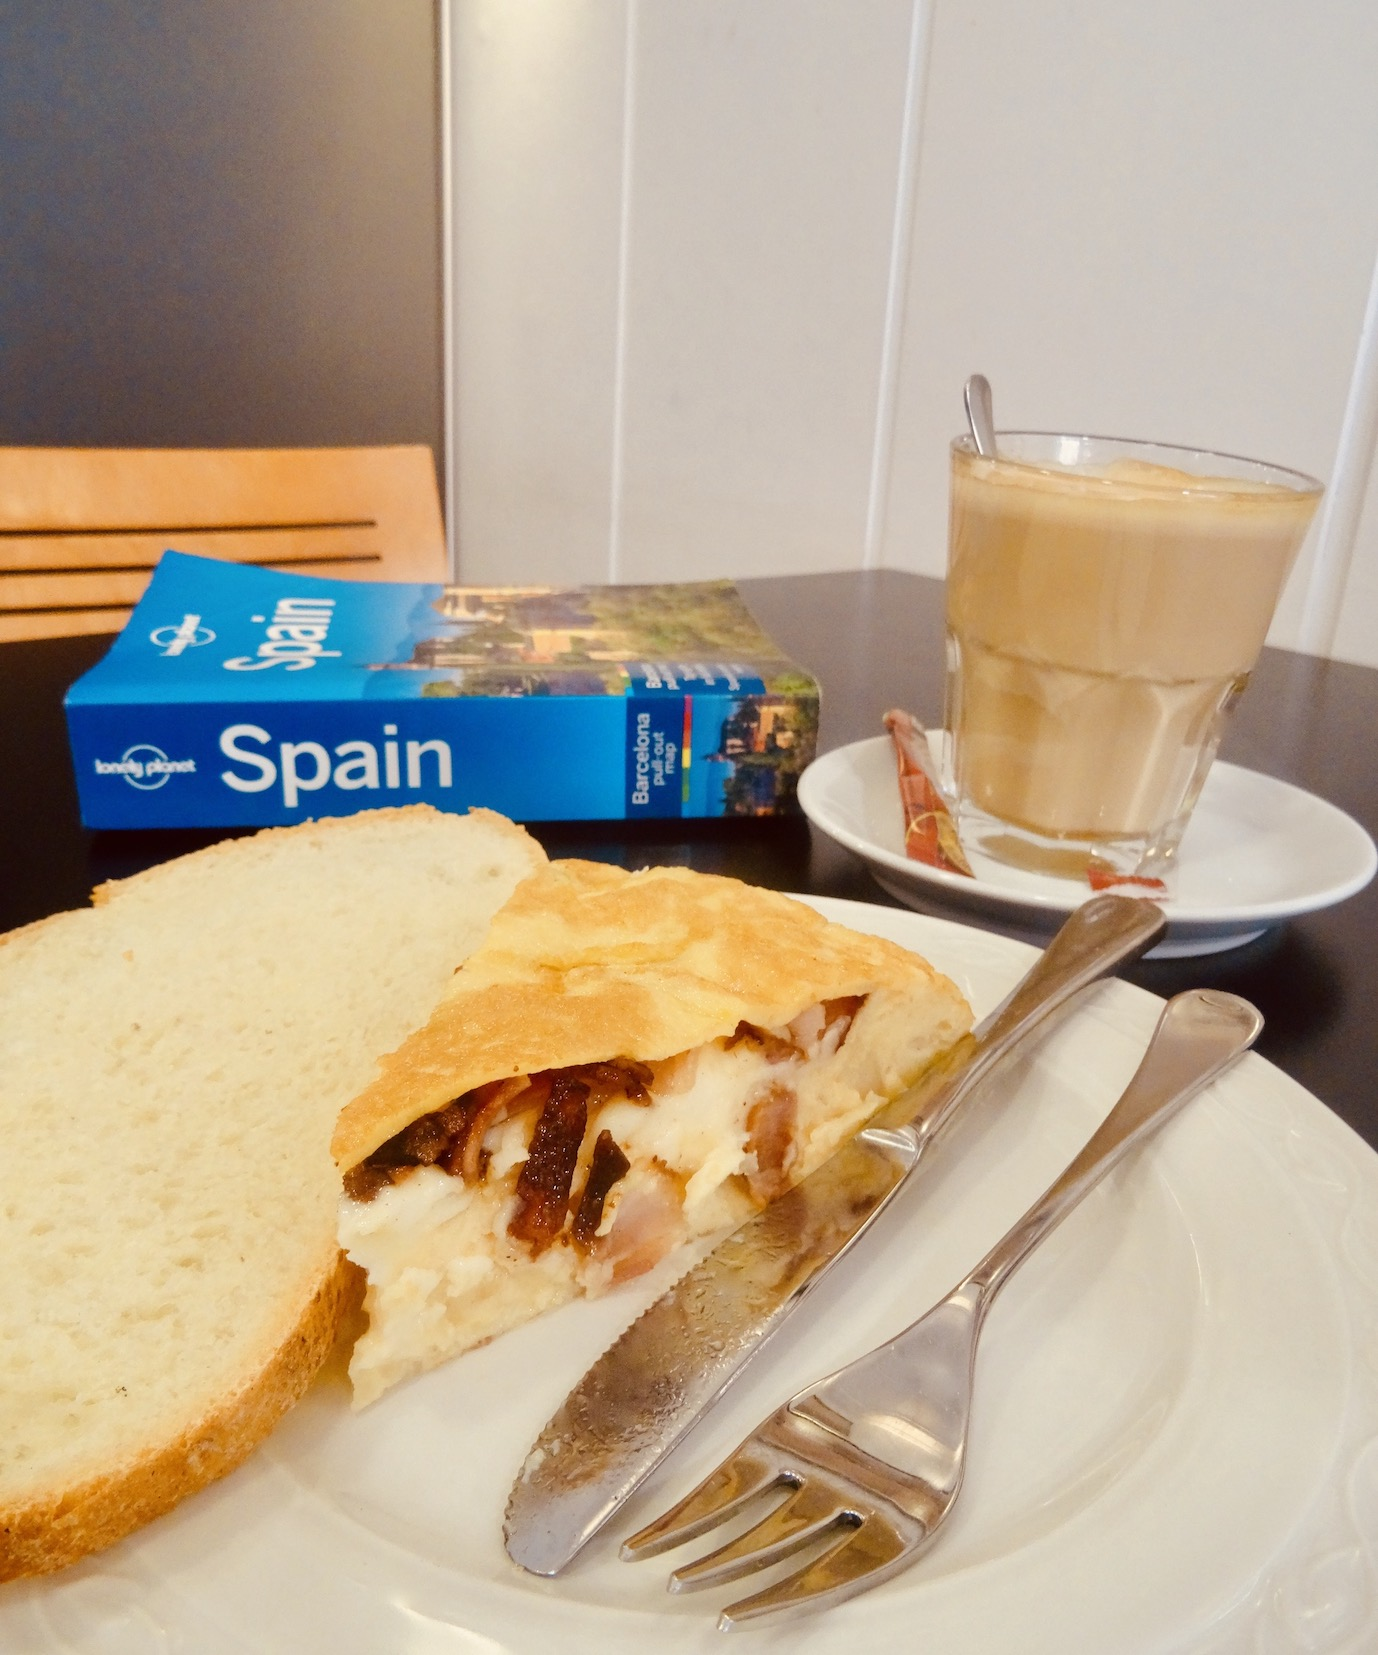 Baden Baden Cafe Bilbao Spain.